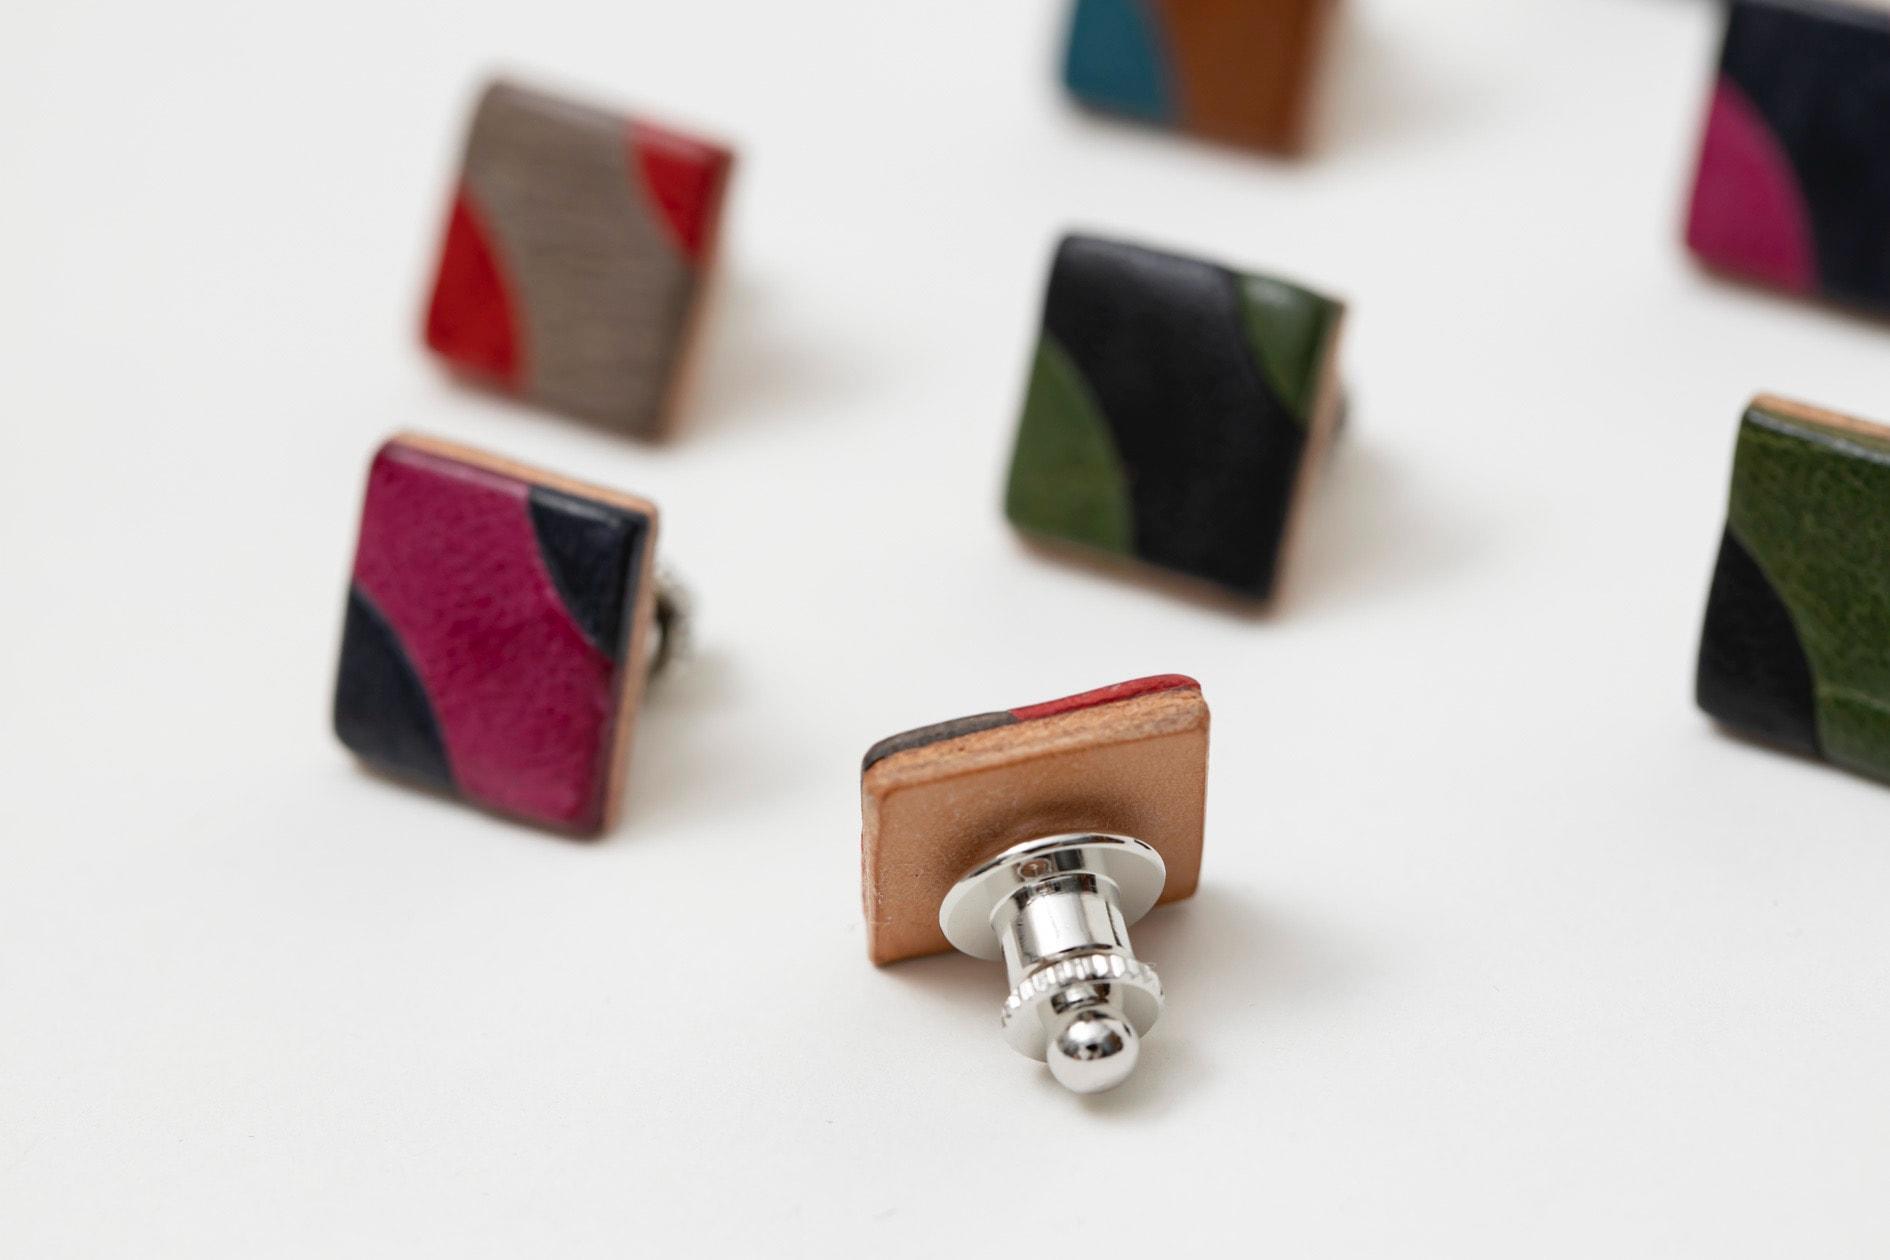 装着するピンの部分を見えるように並べたカーブタックピン,サフォークレザーのハンドメイドアクセサリー